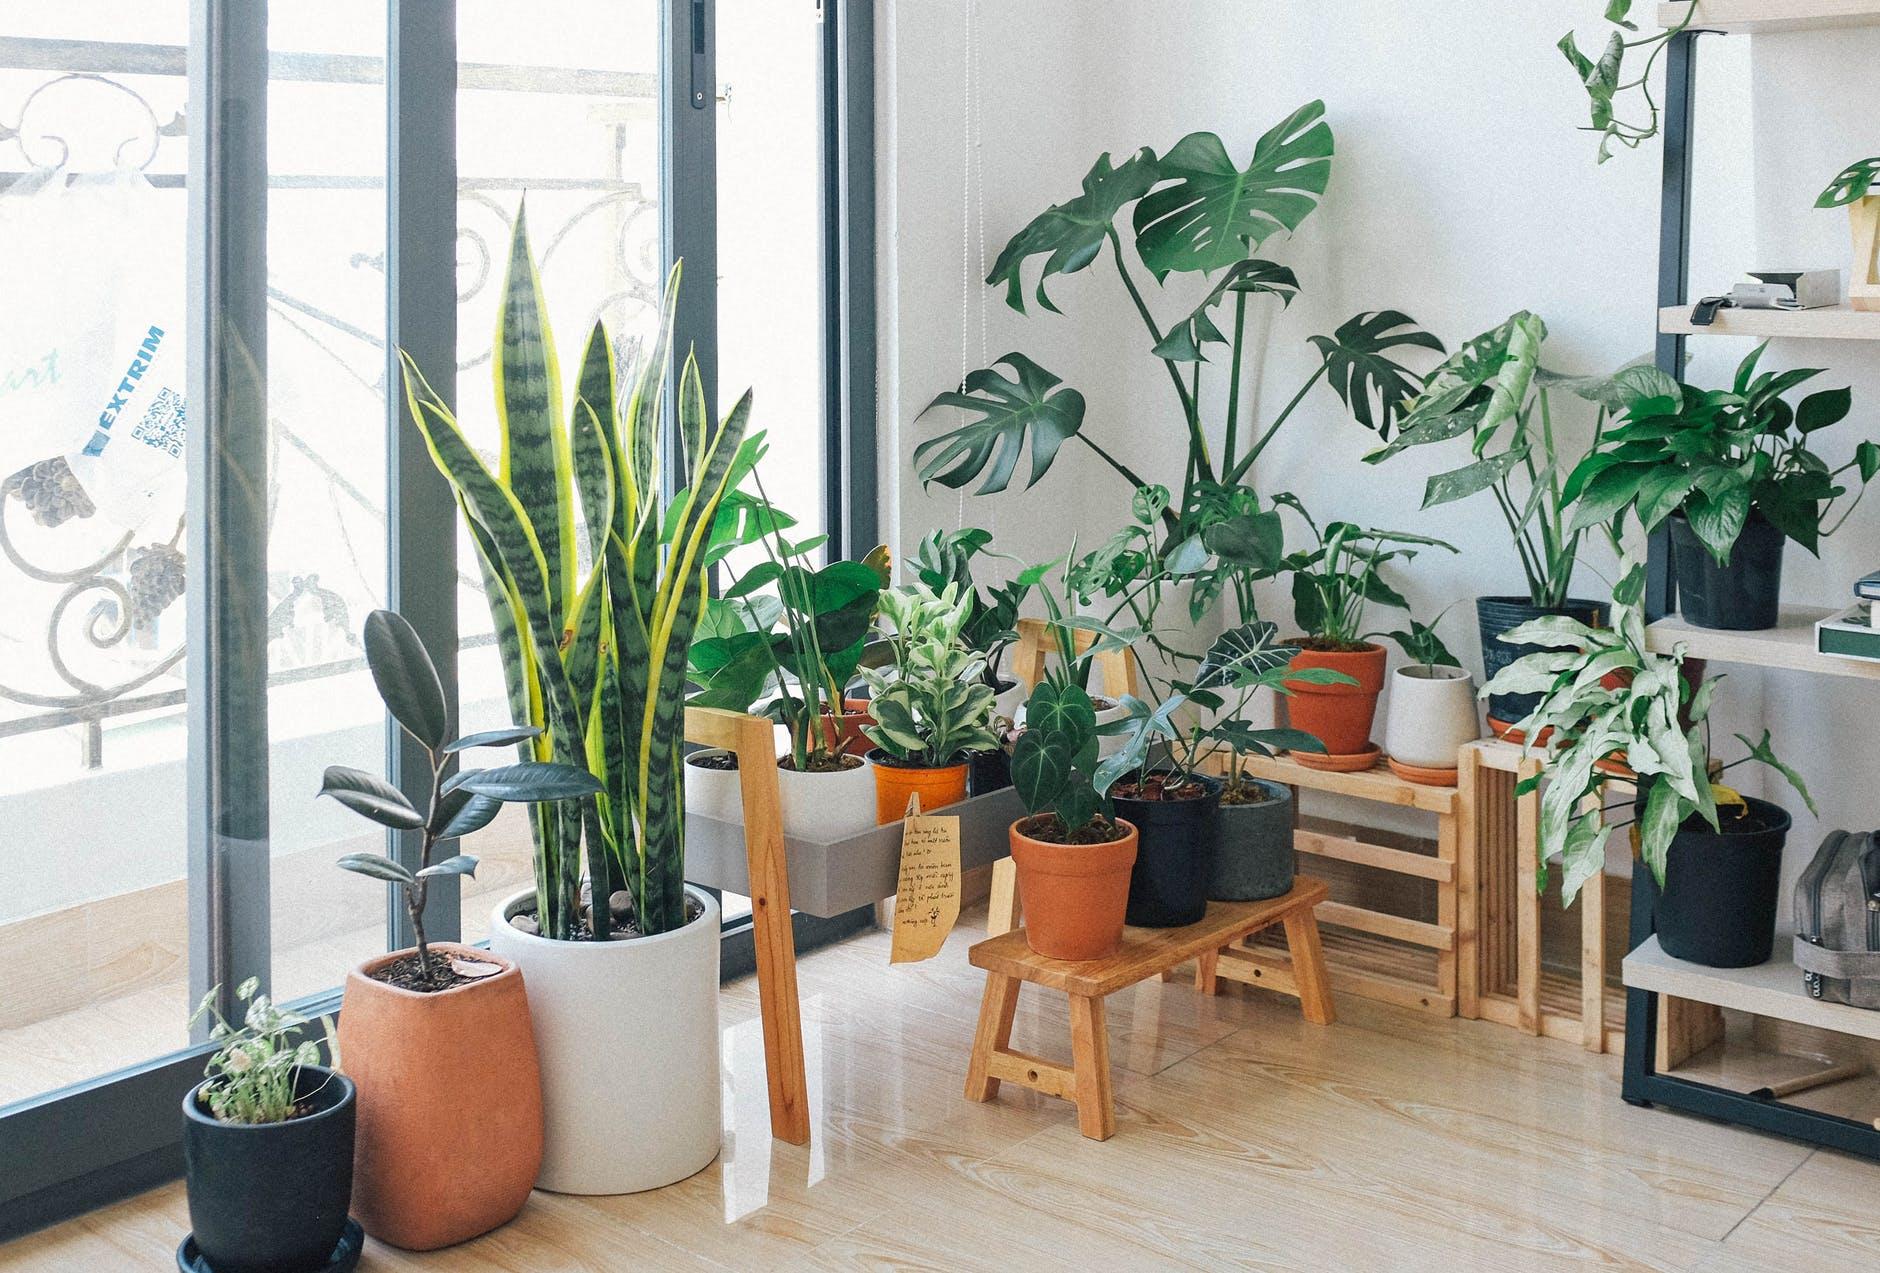 Criação com vaso de flores:  ideias para incorporar plantas em sua casa